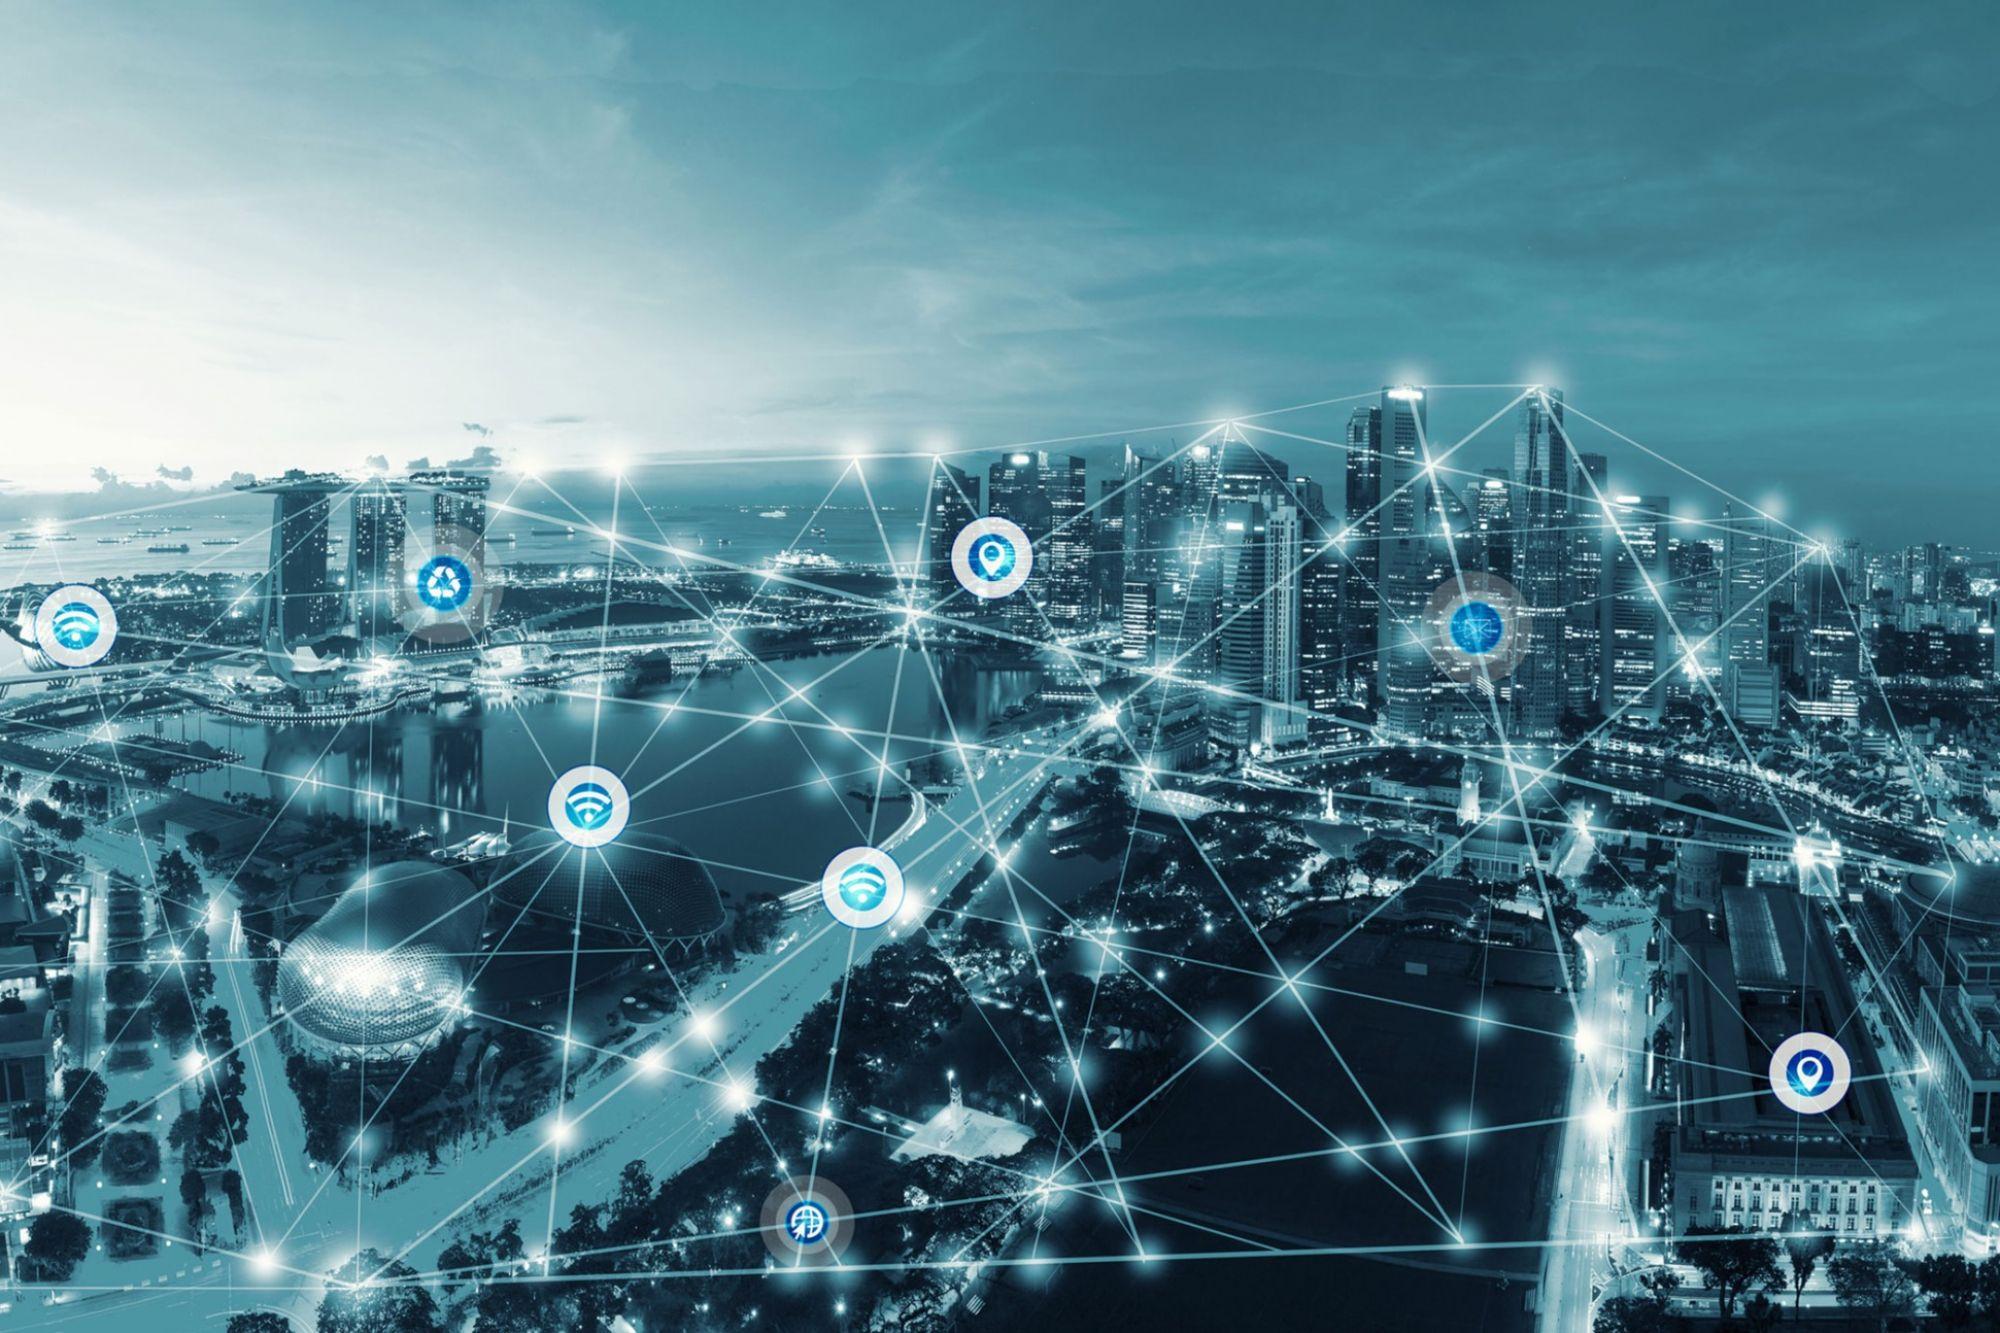 entrepreneur.com - John Wechsler - Why Smart Cities Are a Golden Opportunity for Entrepreneurs